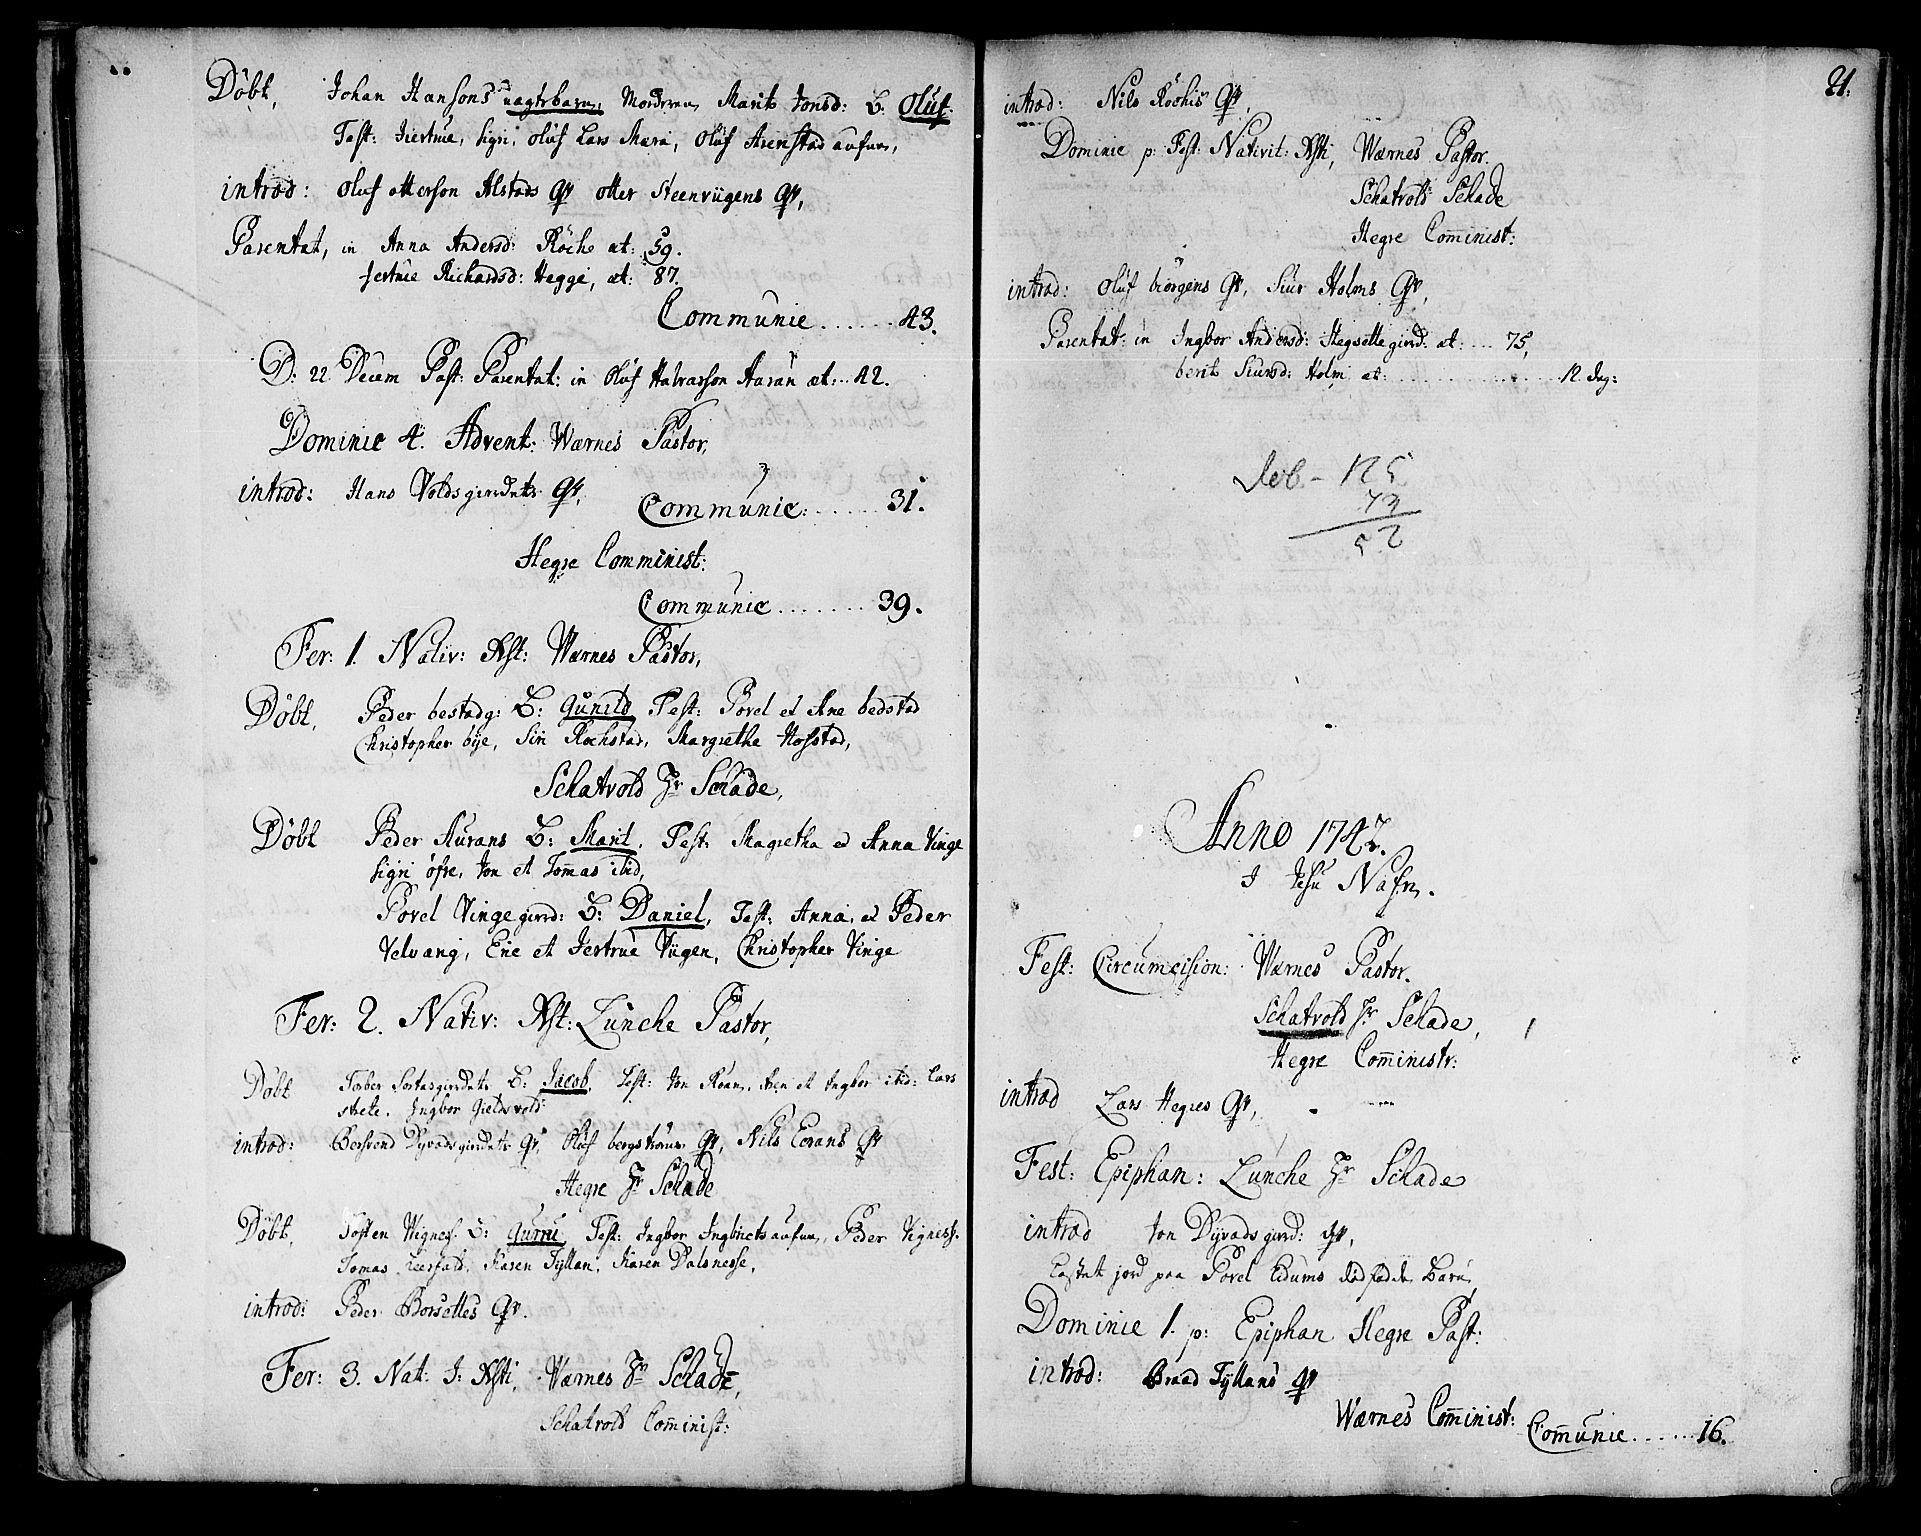 SAT, Ministerialprotokoller, klokkerbøker og fødselsregistre - Nord-Trøndelag, 709/L0056: Ministerialbok nr. 709A04, 1740-1756, s. 21